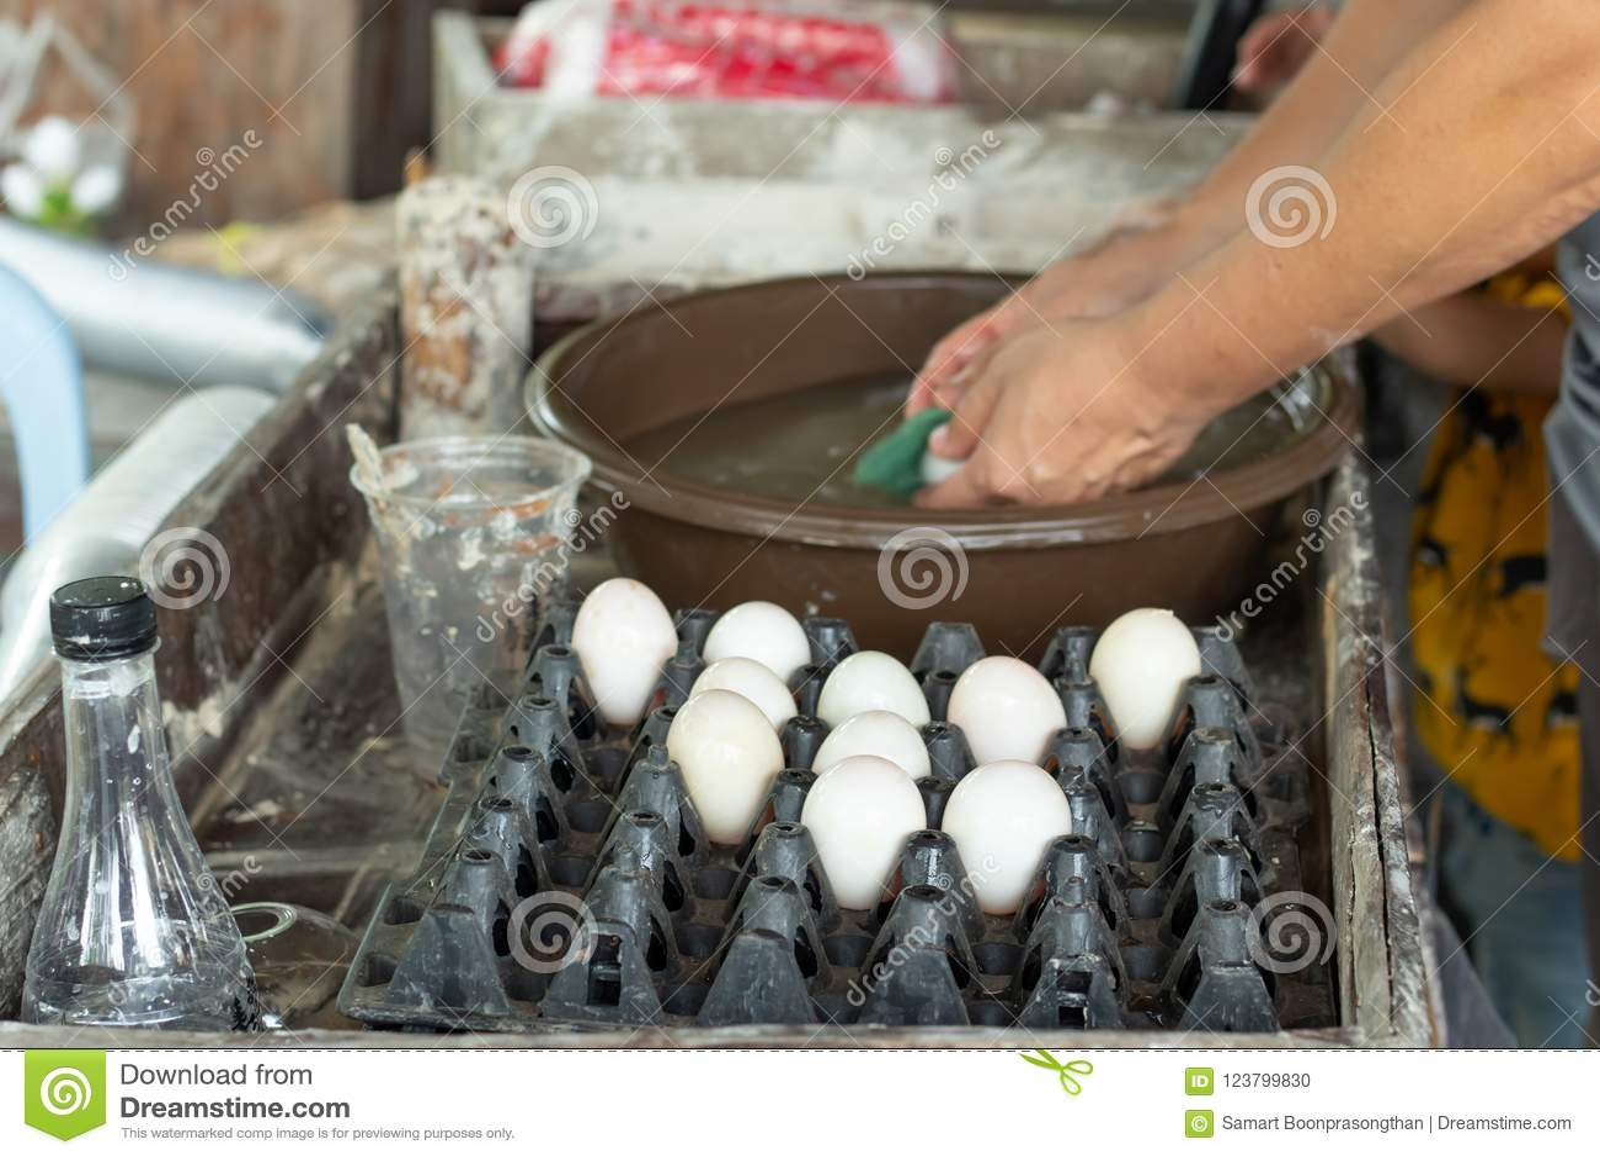 Os ovos do pato são lavados e colocados em uma bandeja